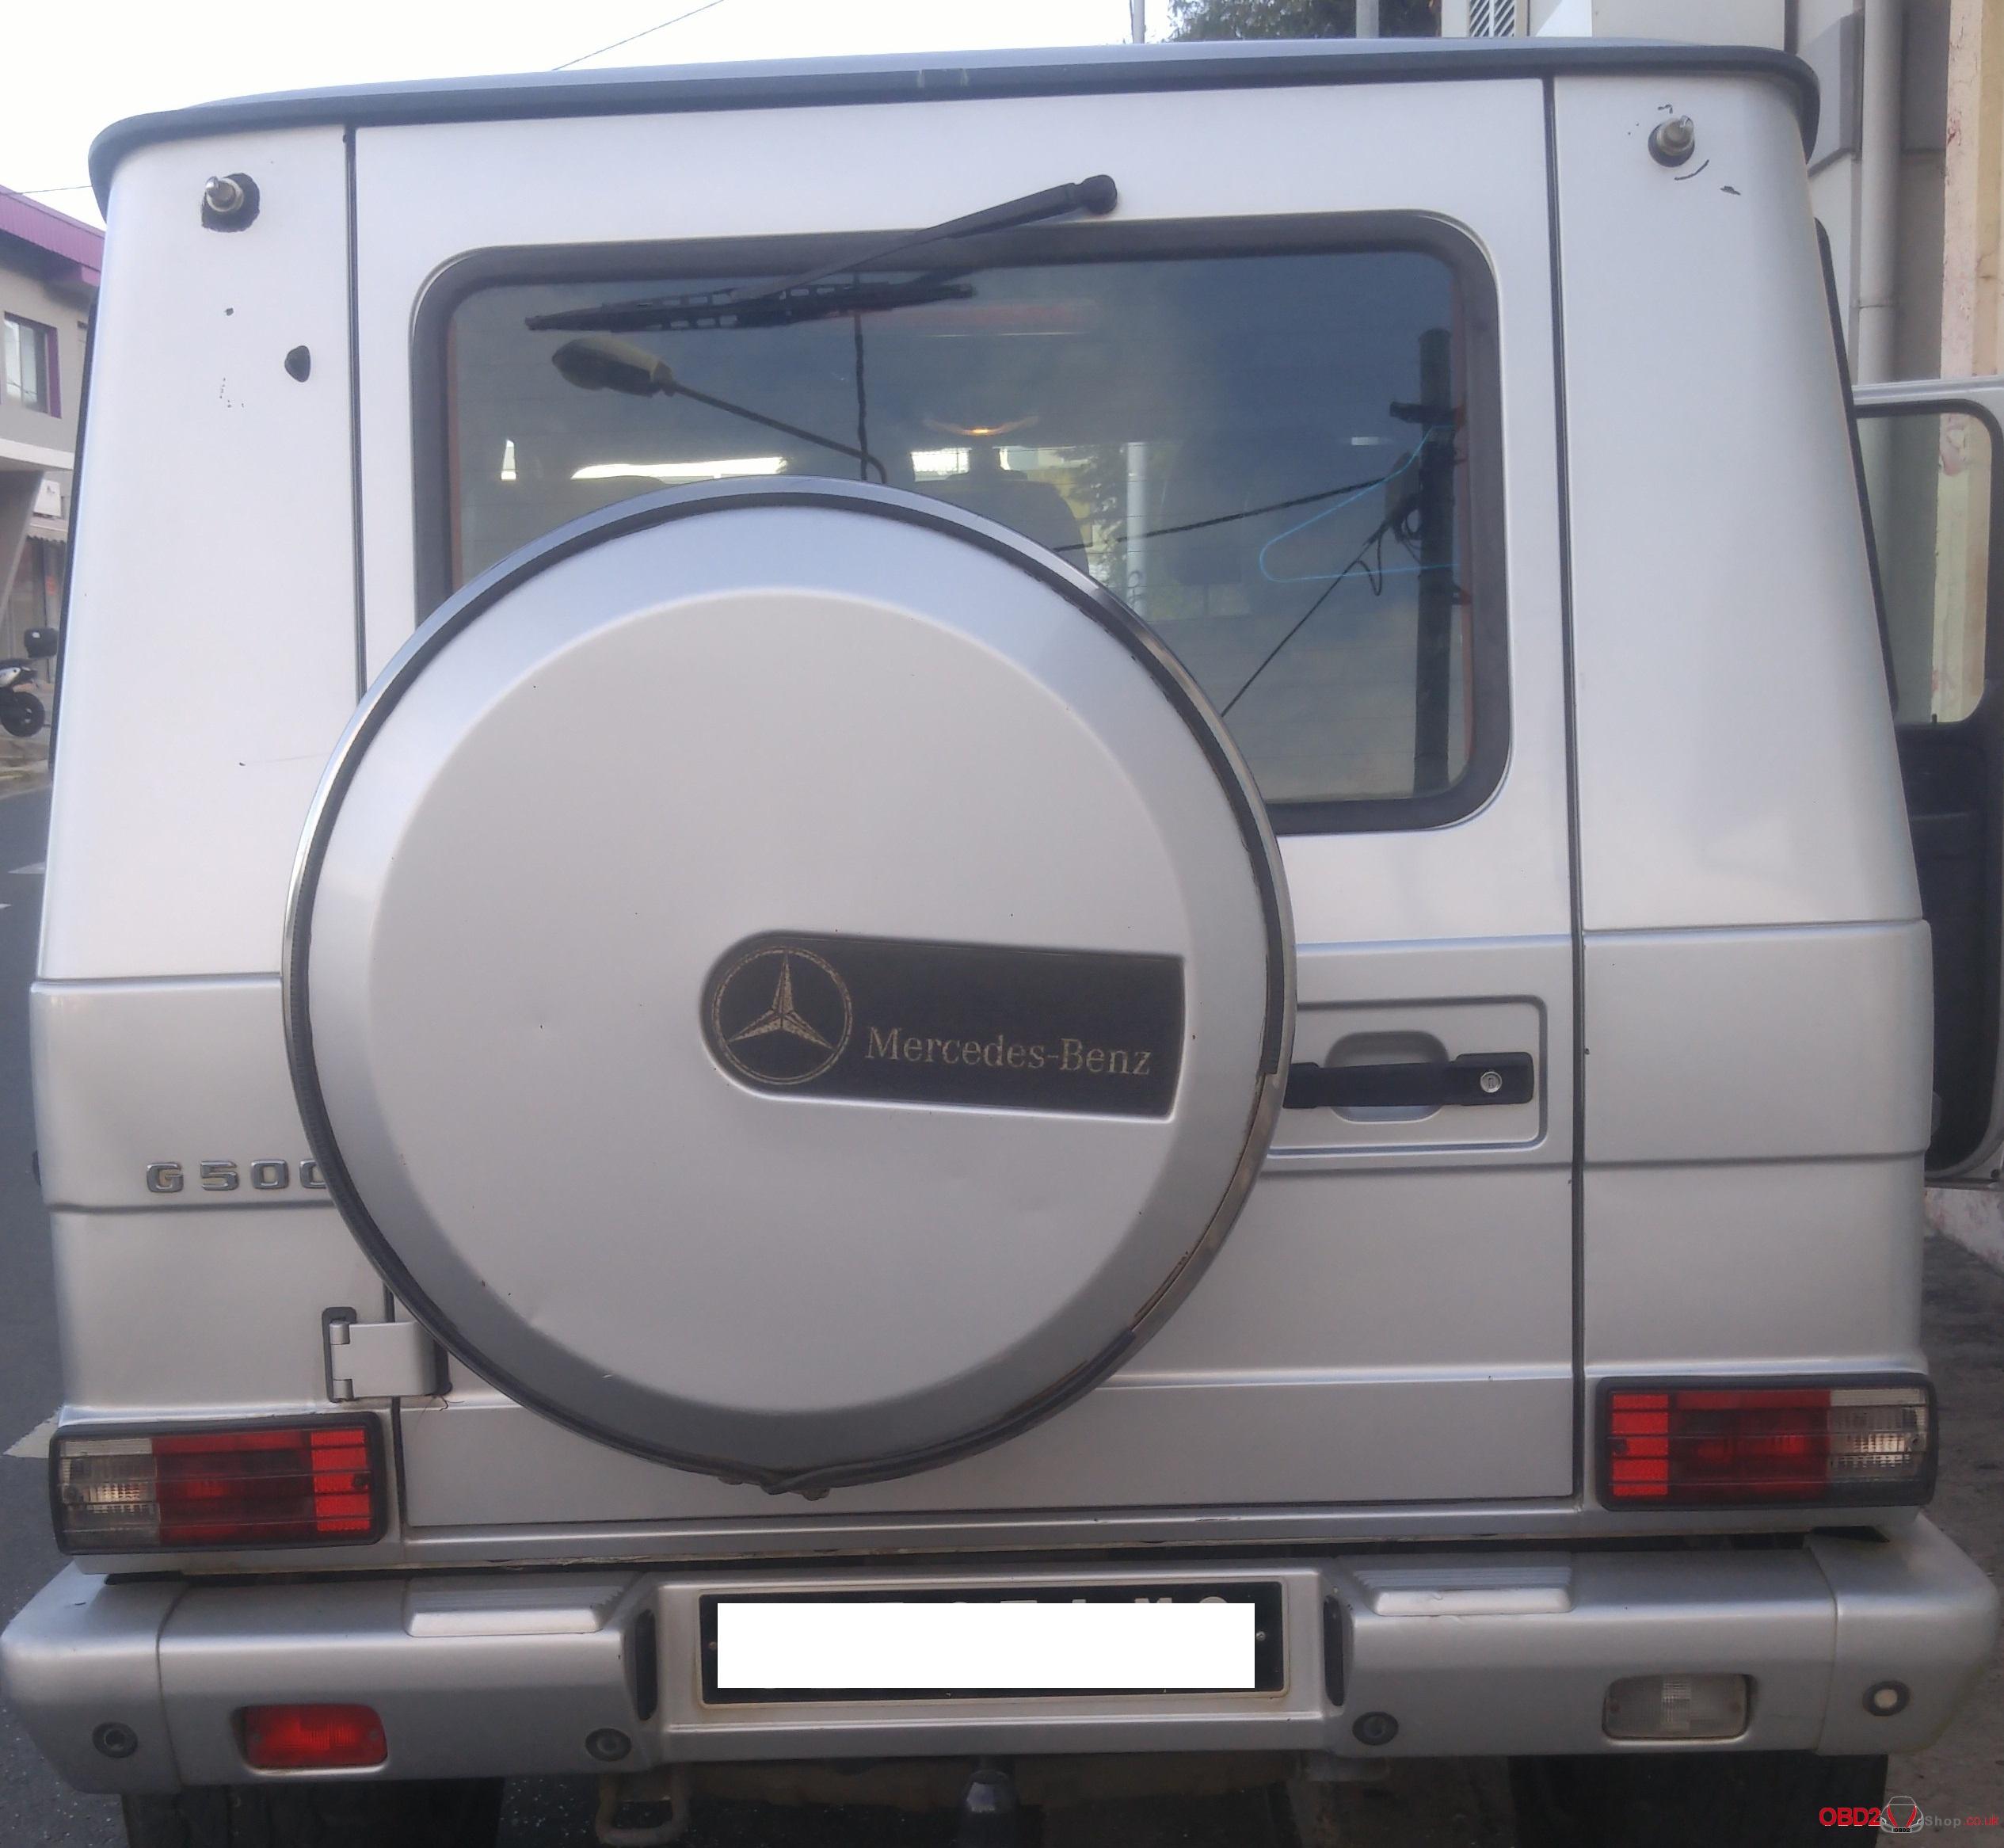 BENZ G500 year 2000-02